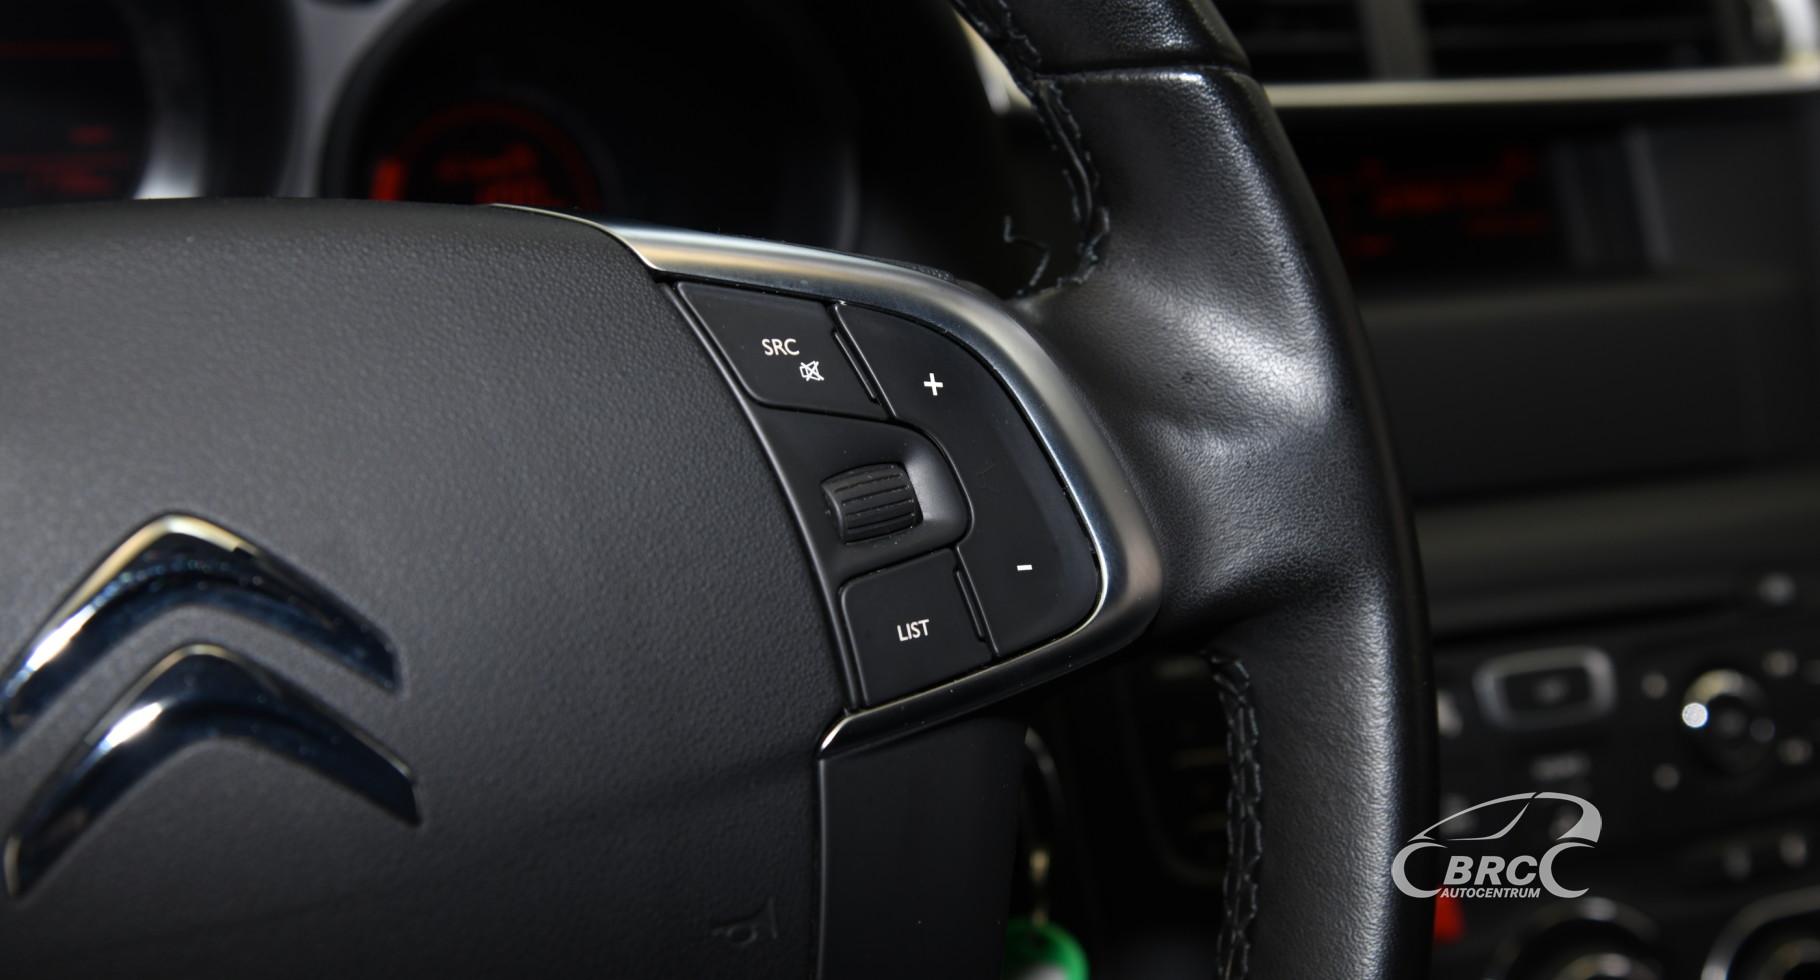 Citroen C4 1.6 HDi Seduction